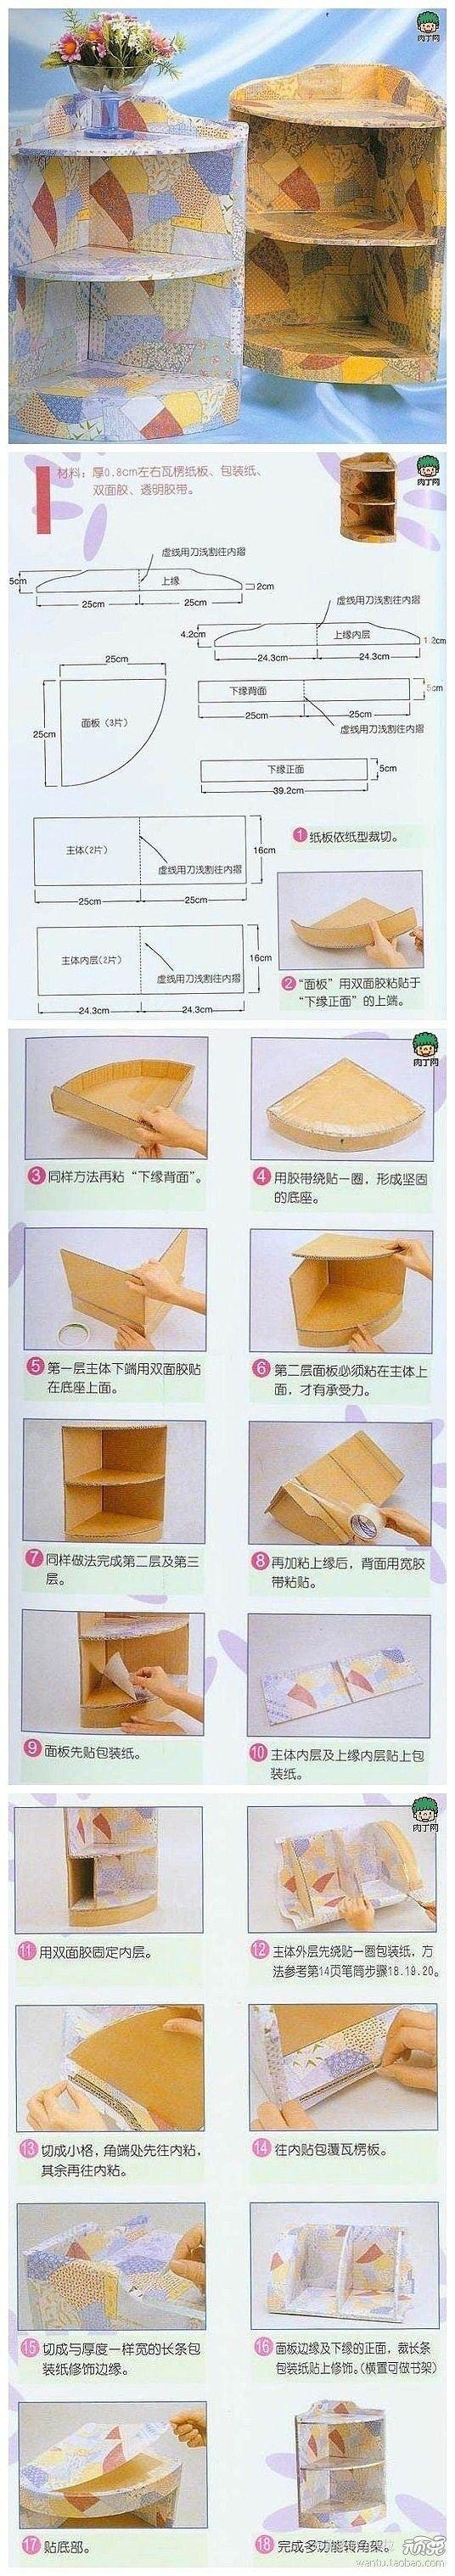 Una repisa con cart n y papel decorativo manualidades - Papel decorativo para muebles ...